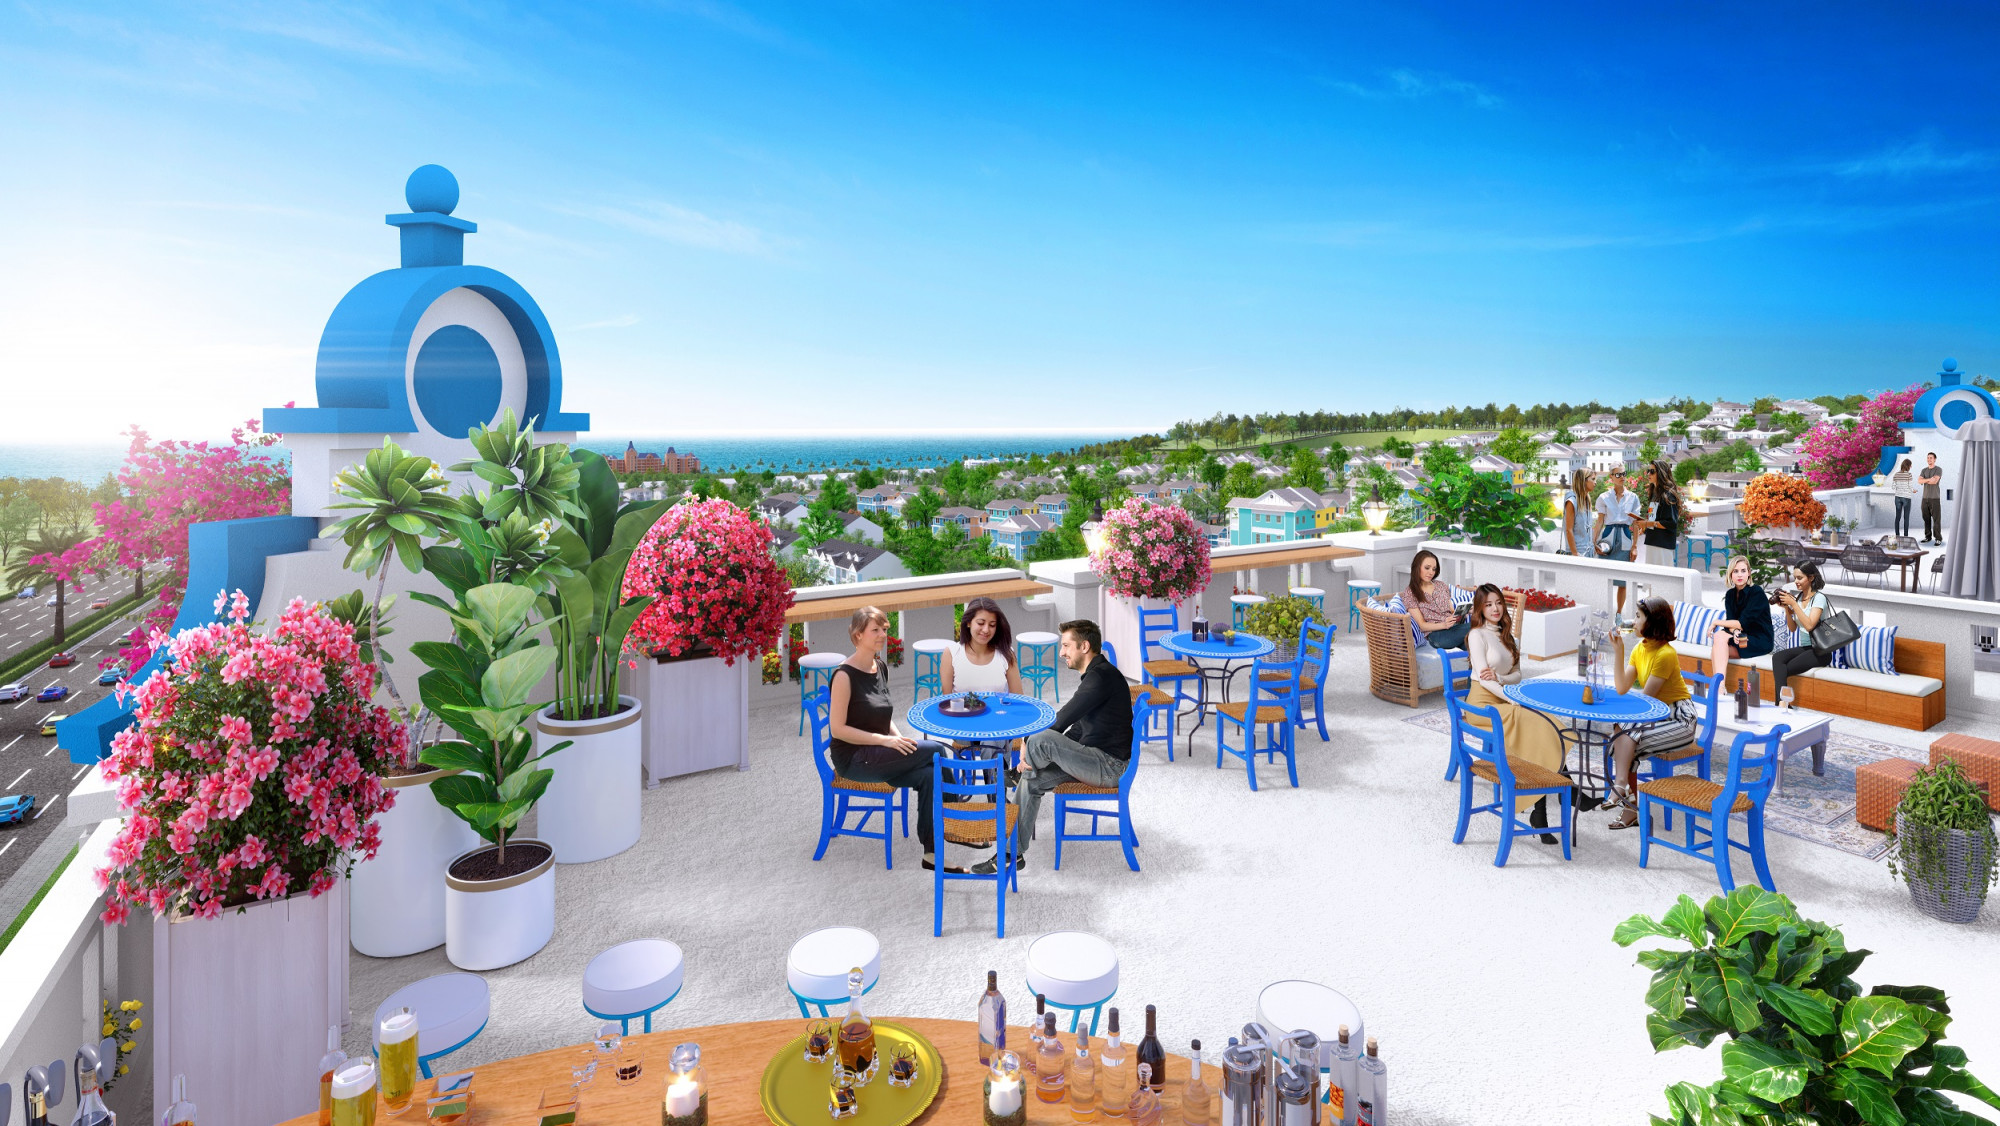 Bên cạnh mặt bằng tầng trệt, nhà đầu tư có thể sử dụng tầng thượng với view biển tuyệt đẹp để kinh doanh thêm các dịch vụ khác và phát huy hết công năng của boutique hotel - Ảnh phối cảnh Boutique hotel NovaWorld Phan Thiet